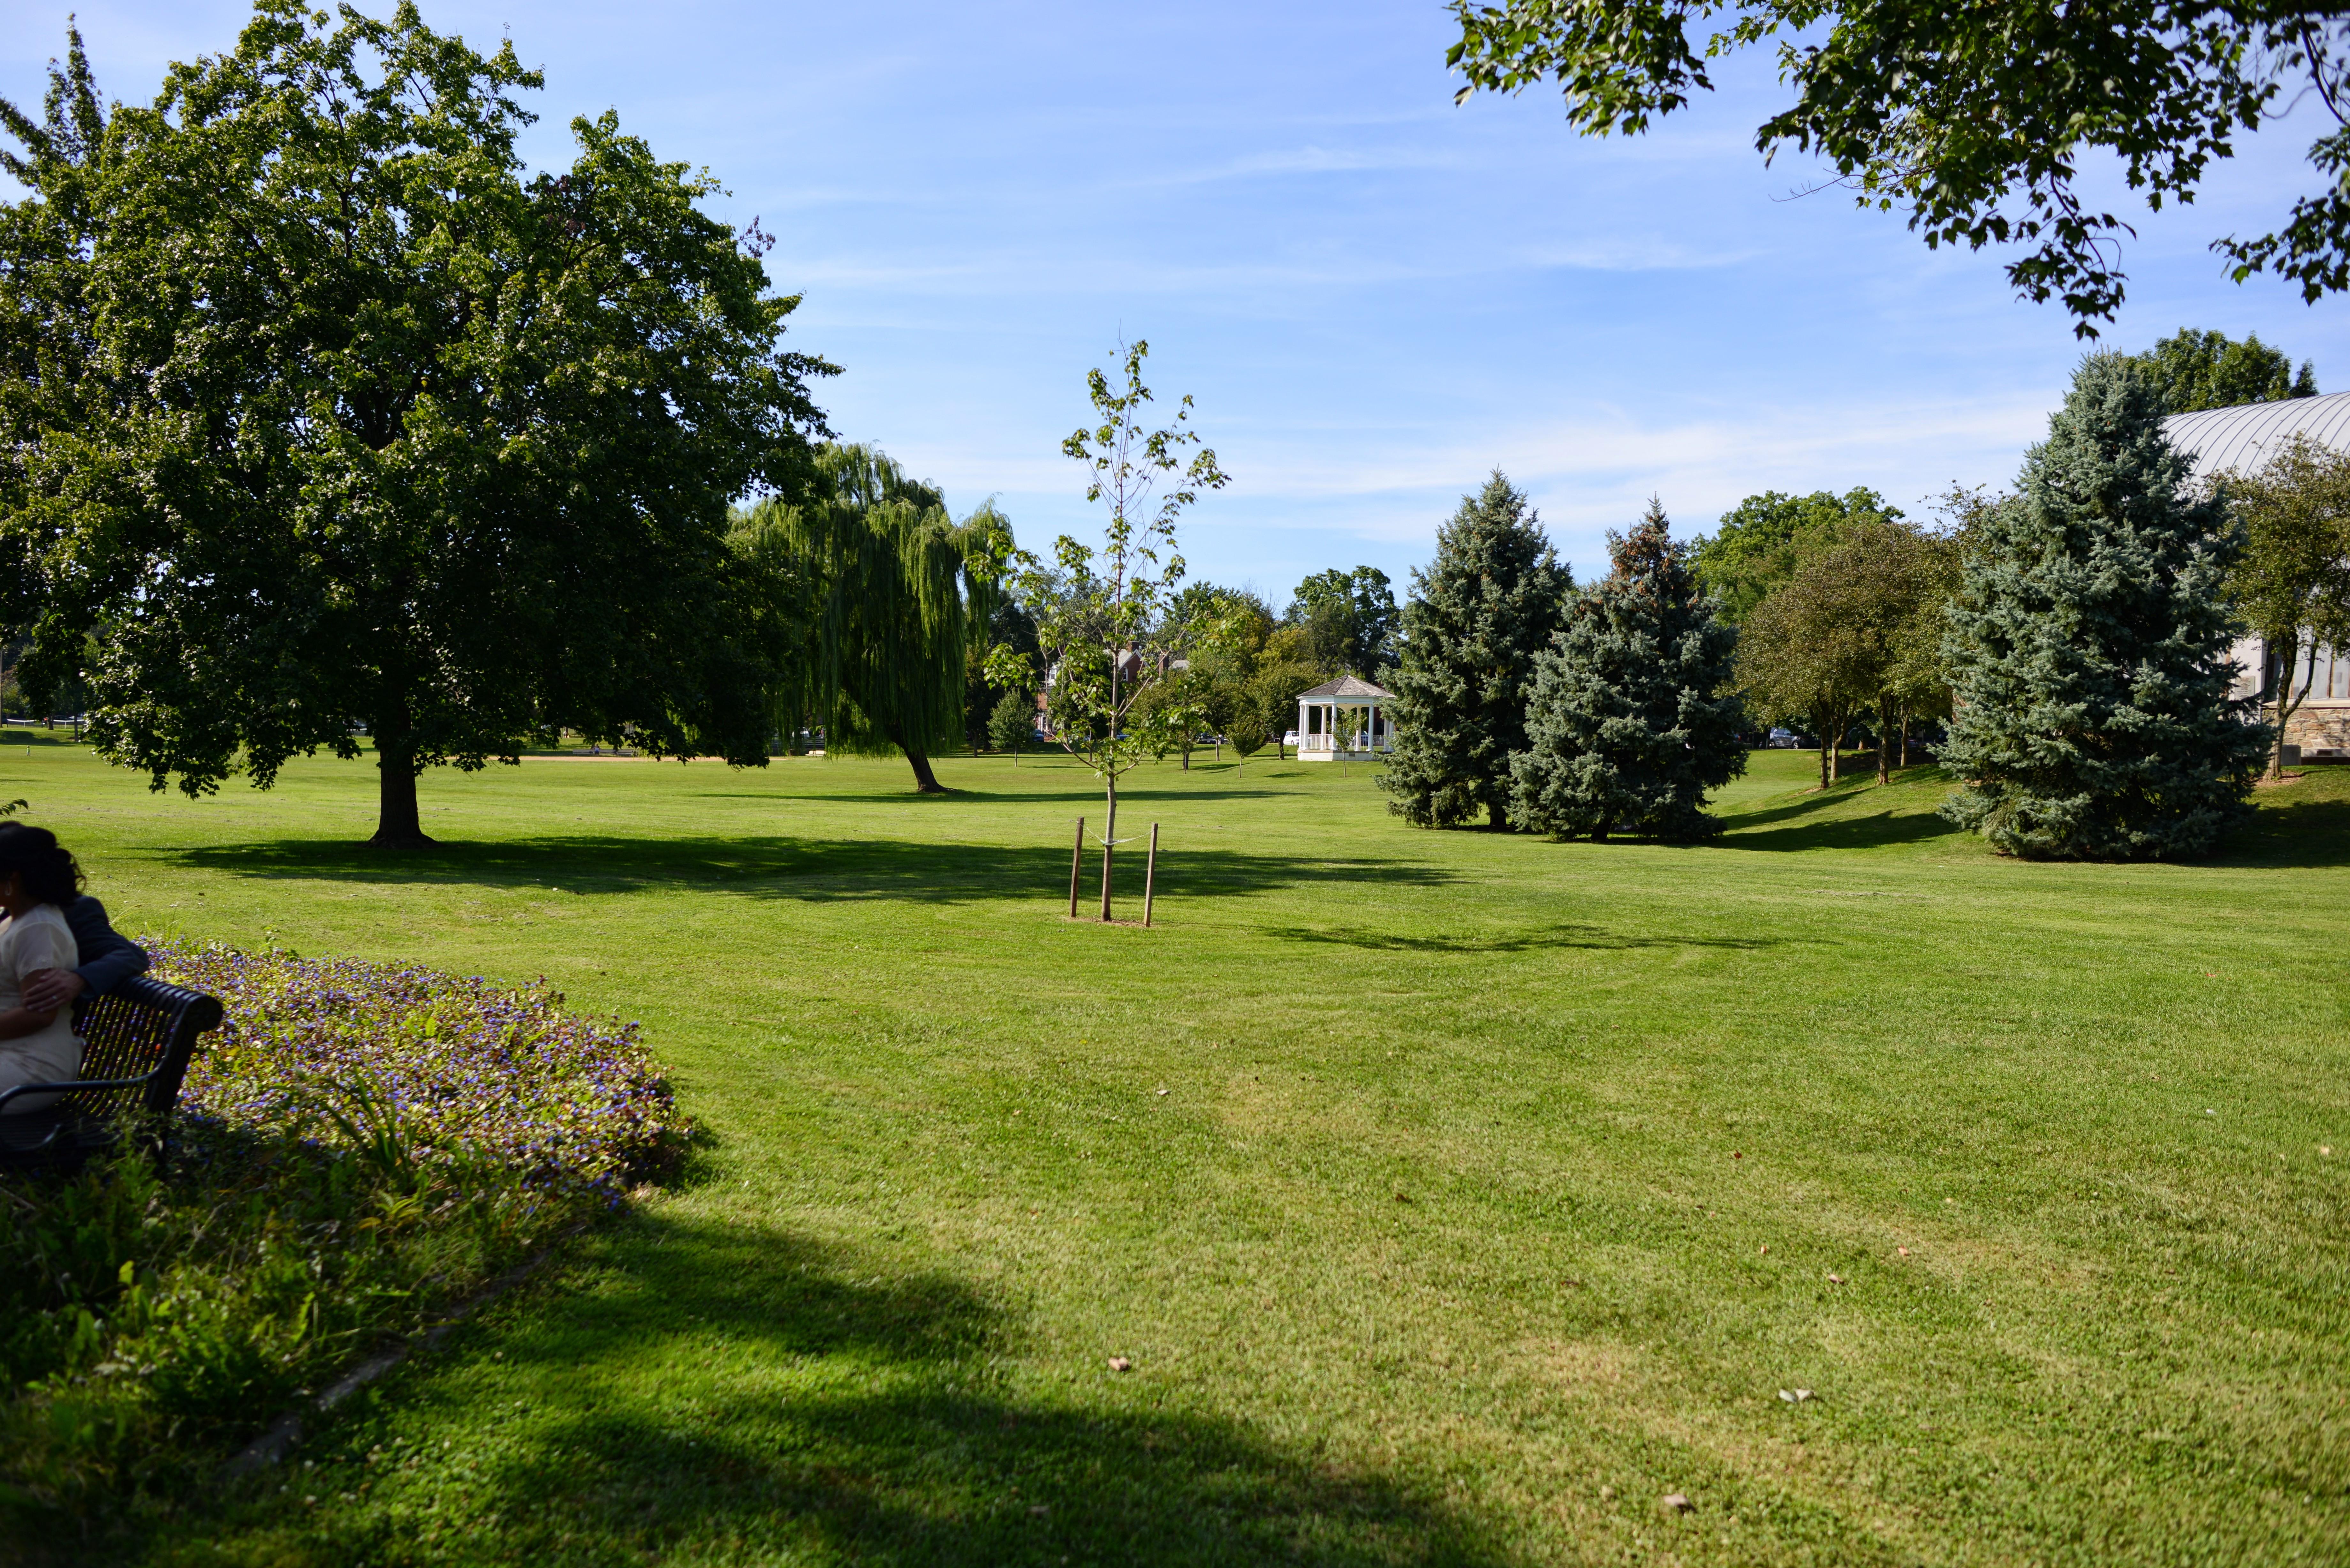 Baker Park, Frederick, Maryland